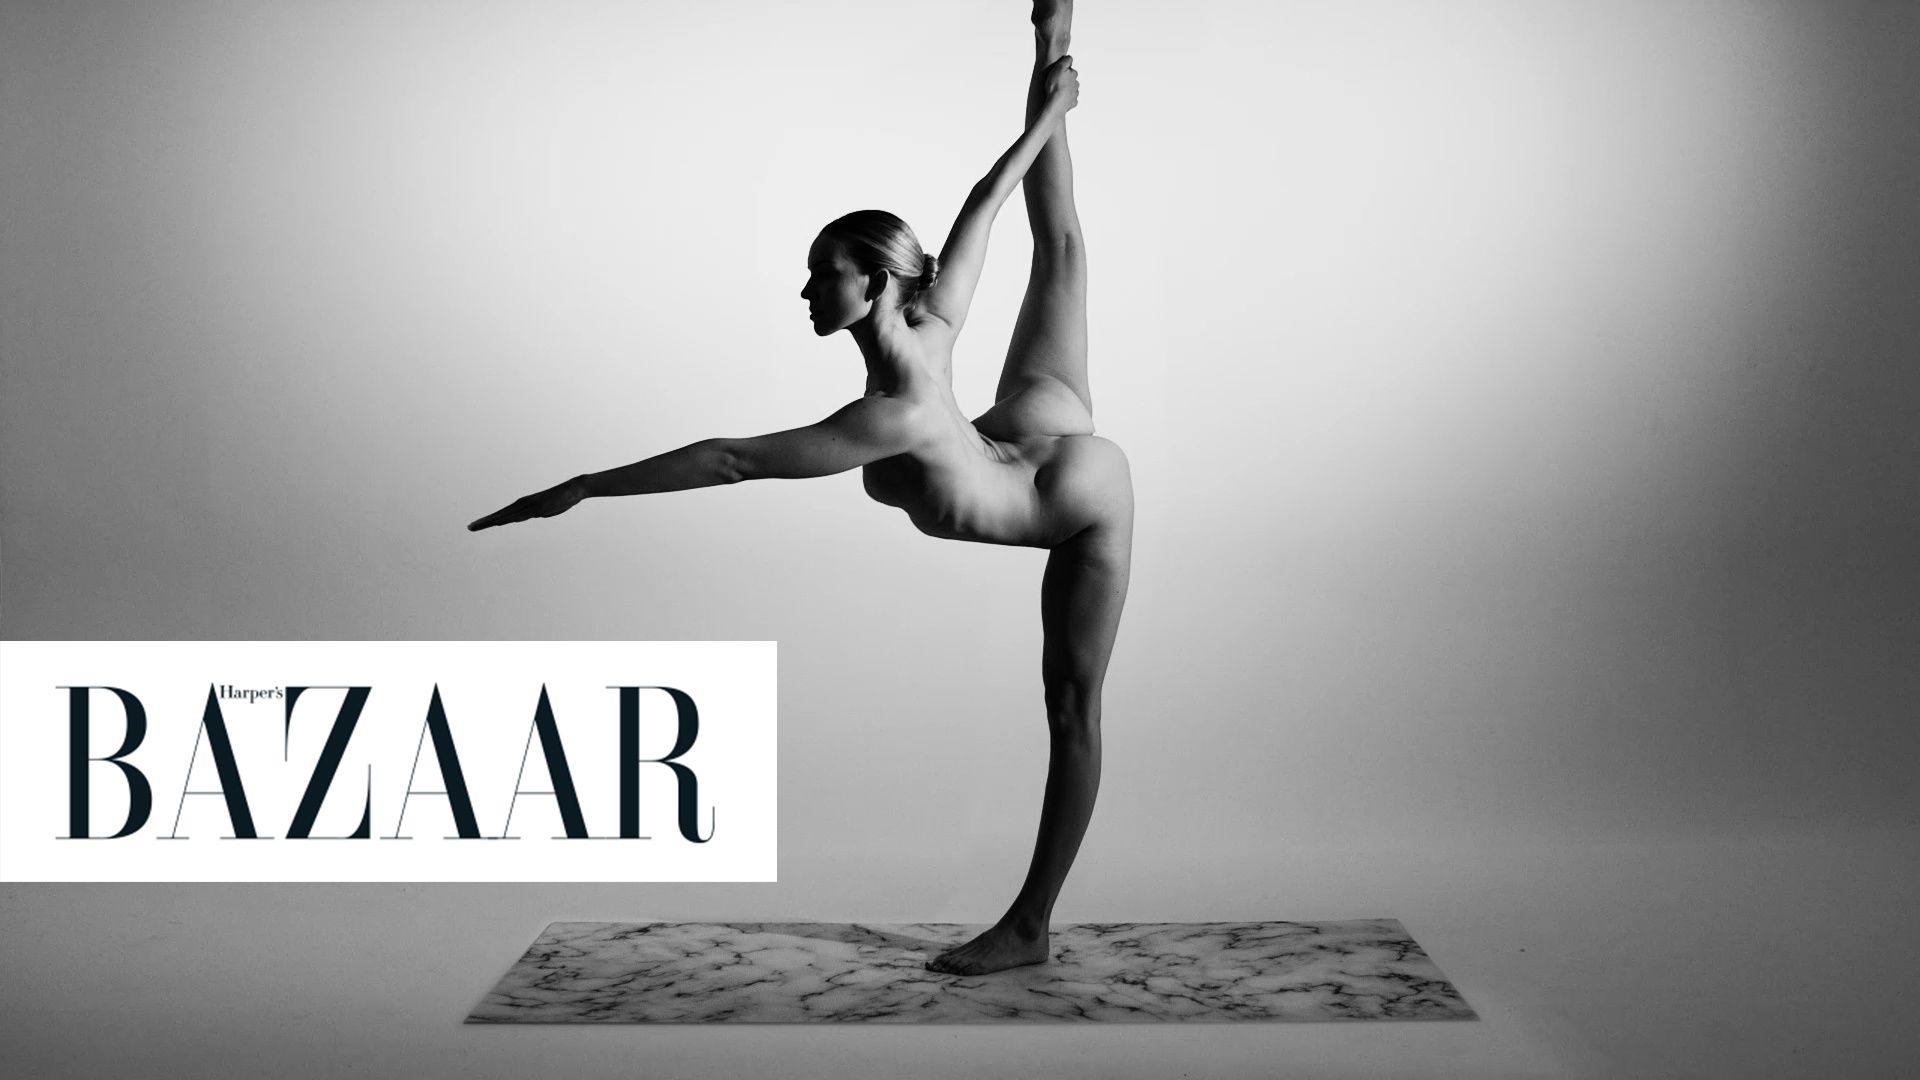 A Yoga Flow With Nude Yoga Girl Instagram Yogi Nude -3609